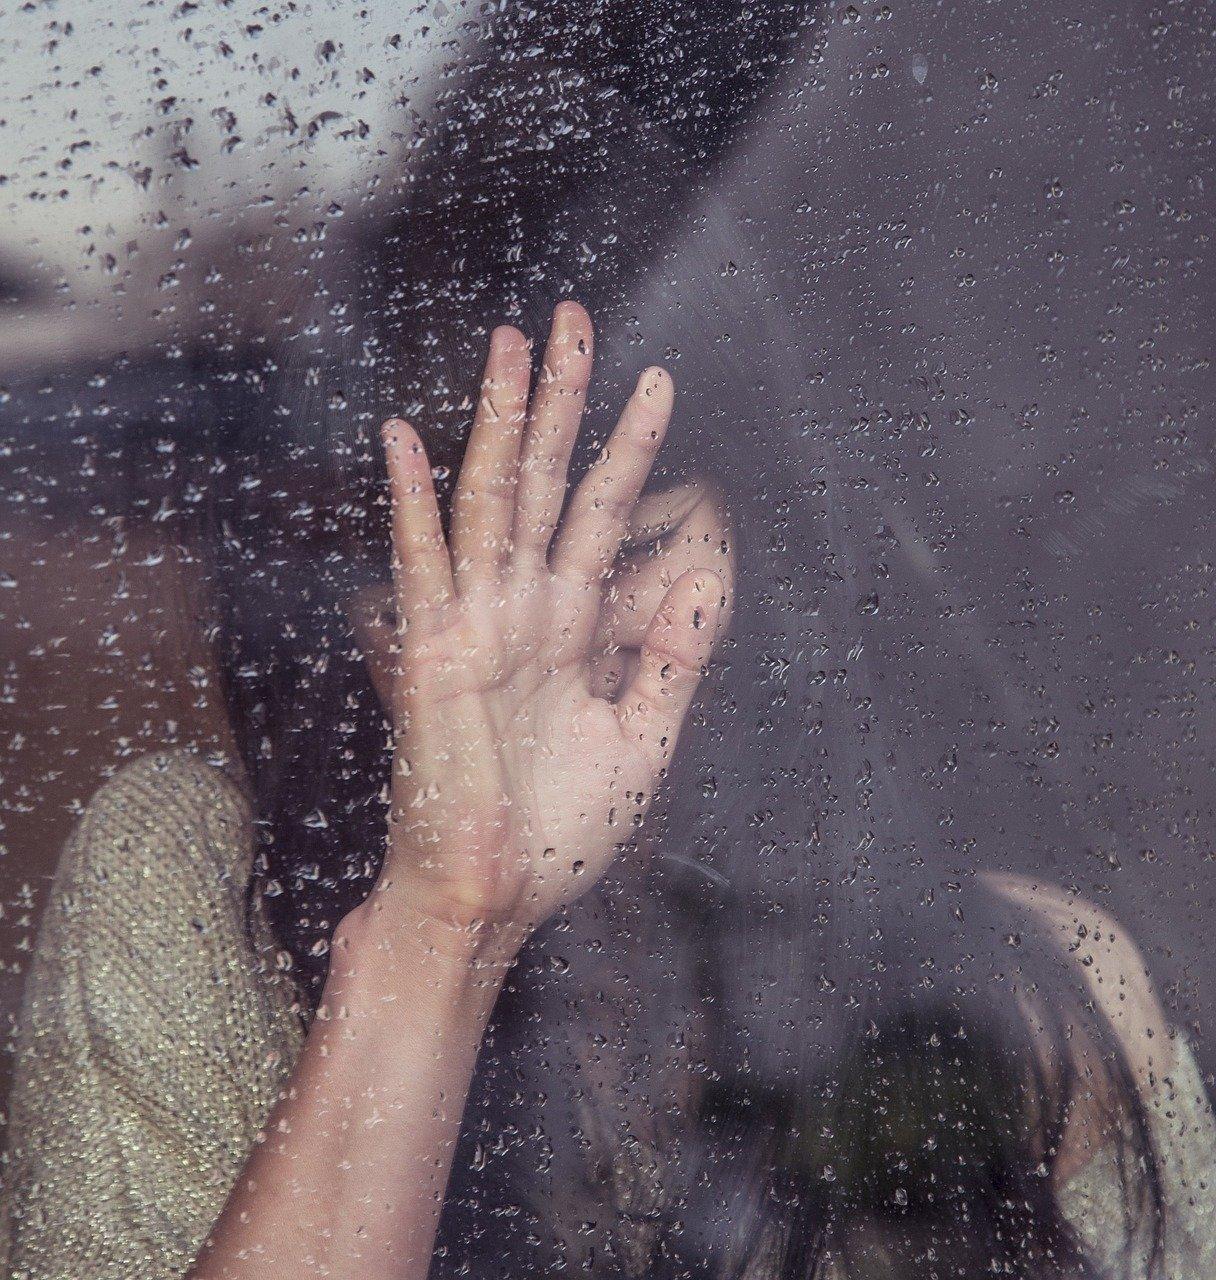 Mujer joven llorando con su mano sobre la ventana. | Imagen: Needpix